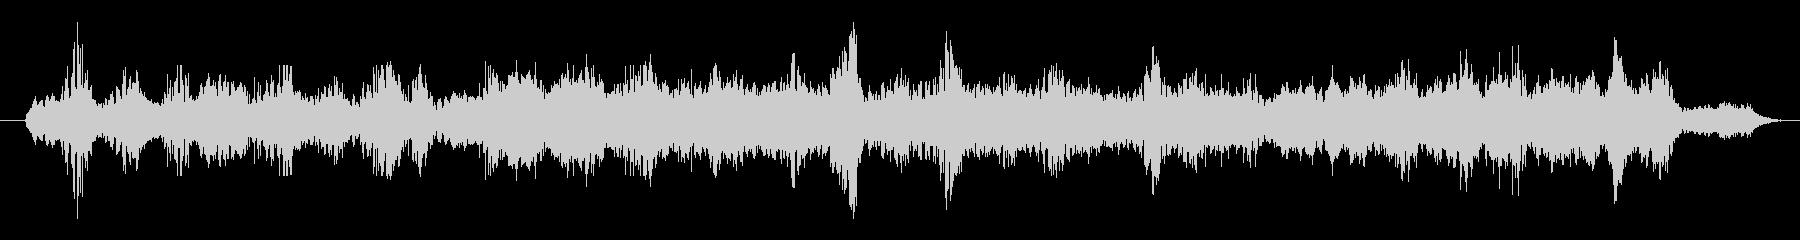 サイケデリックなサウンドトラックの未再生の波形